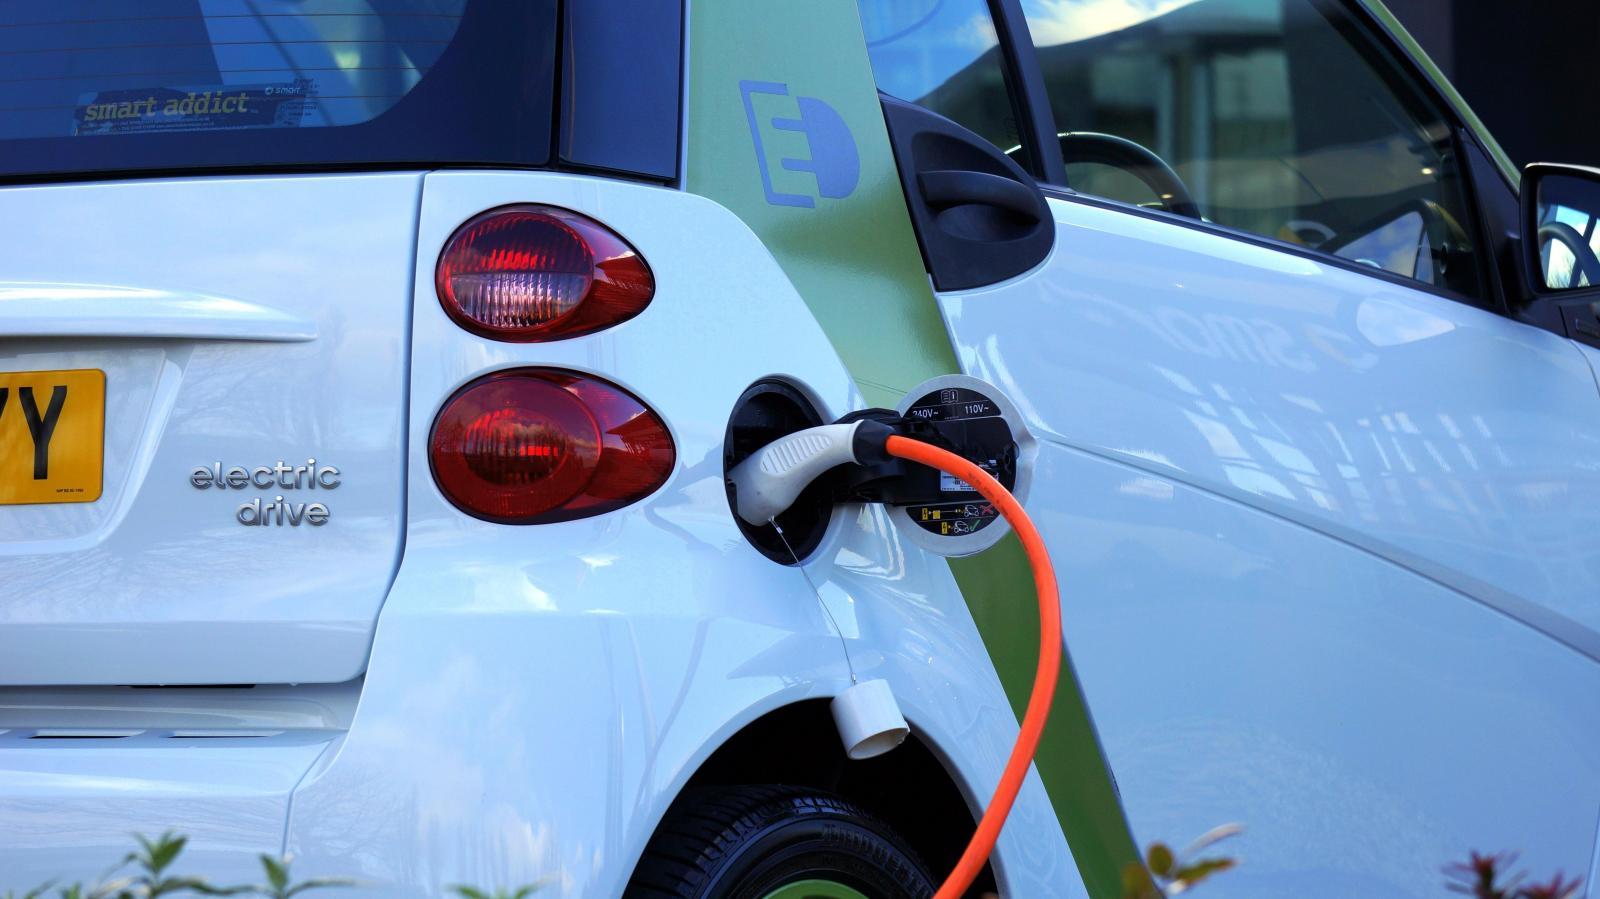 Baterias para autos electricos y lo que debes saber